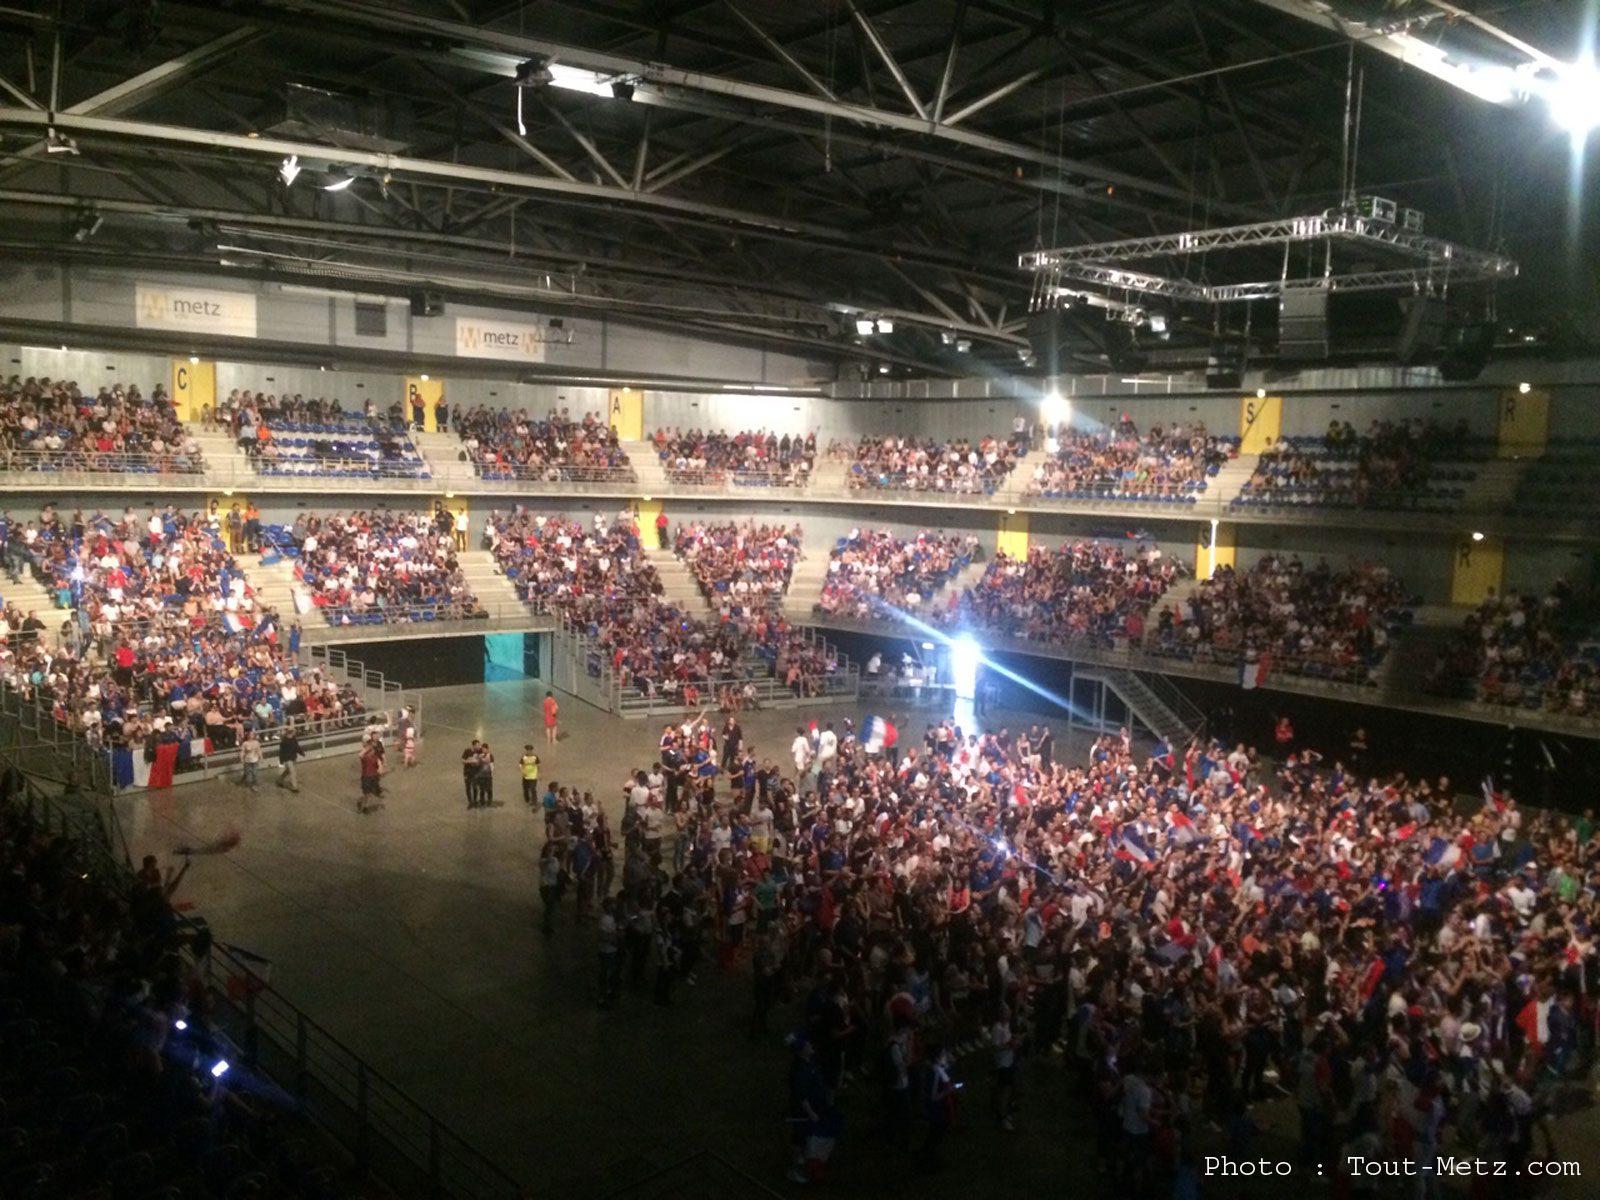 La finale France – Portugal diffusée aux Arènes de Metz